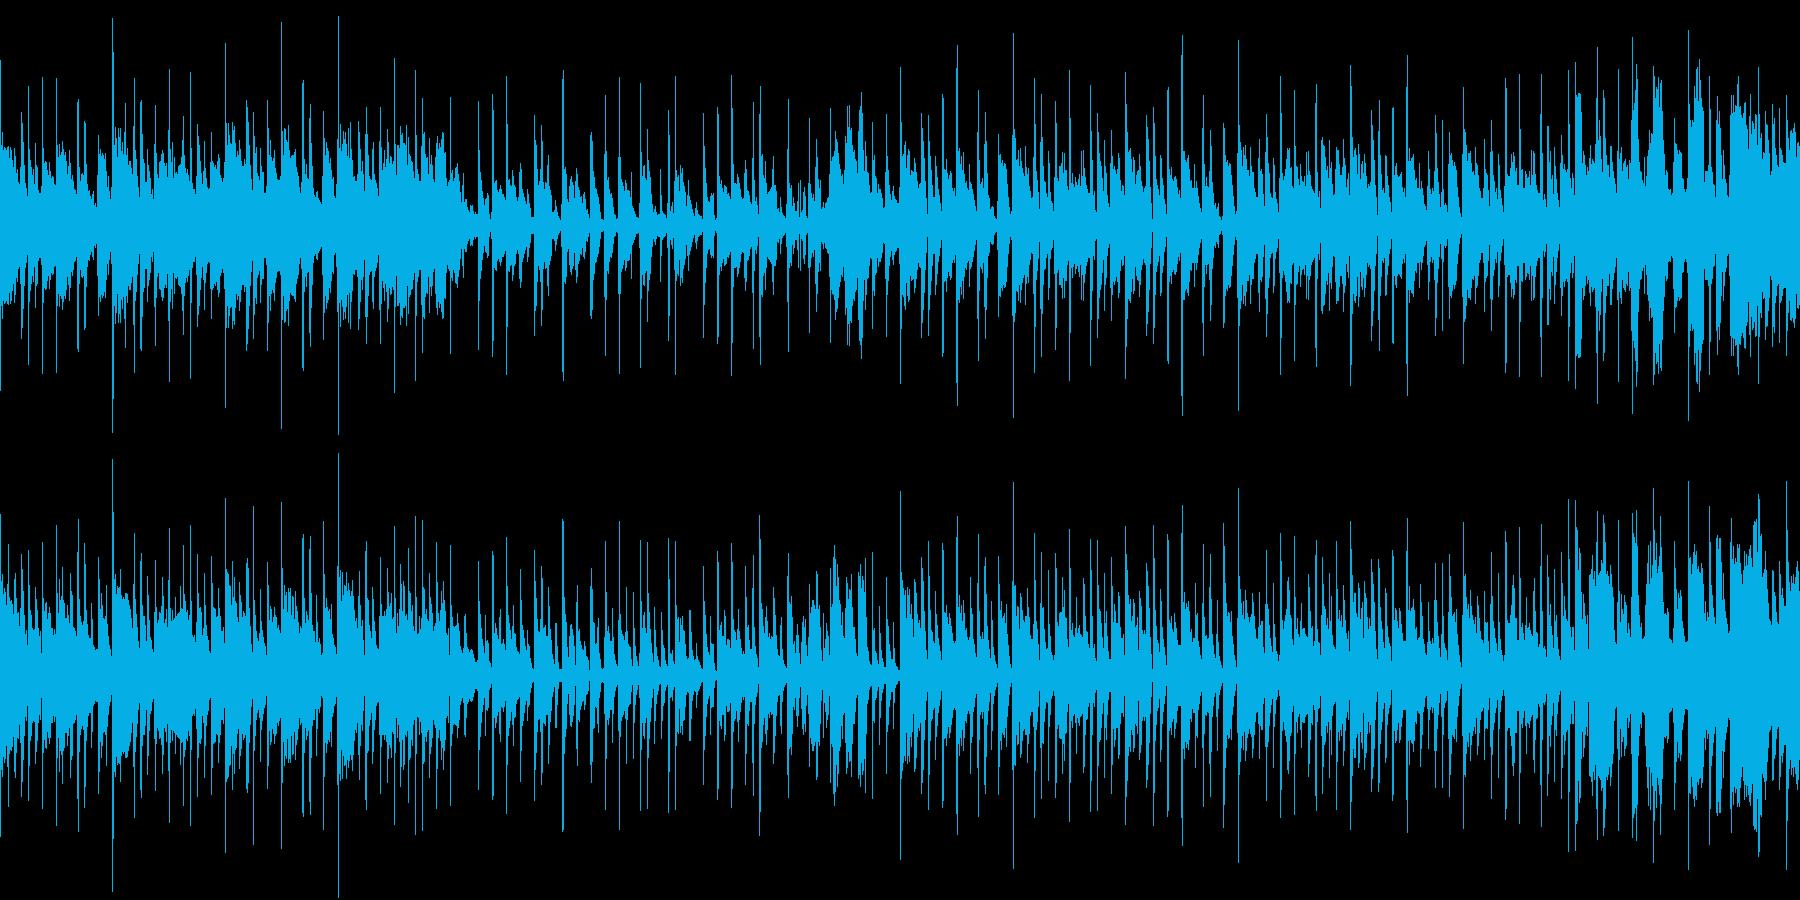 ブラスセクション+スラップベースの再生済みの波形